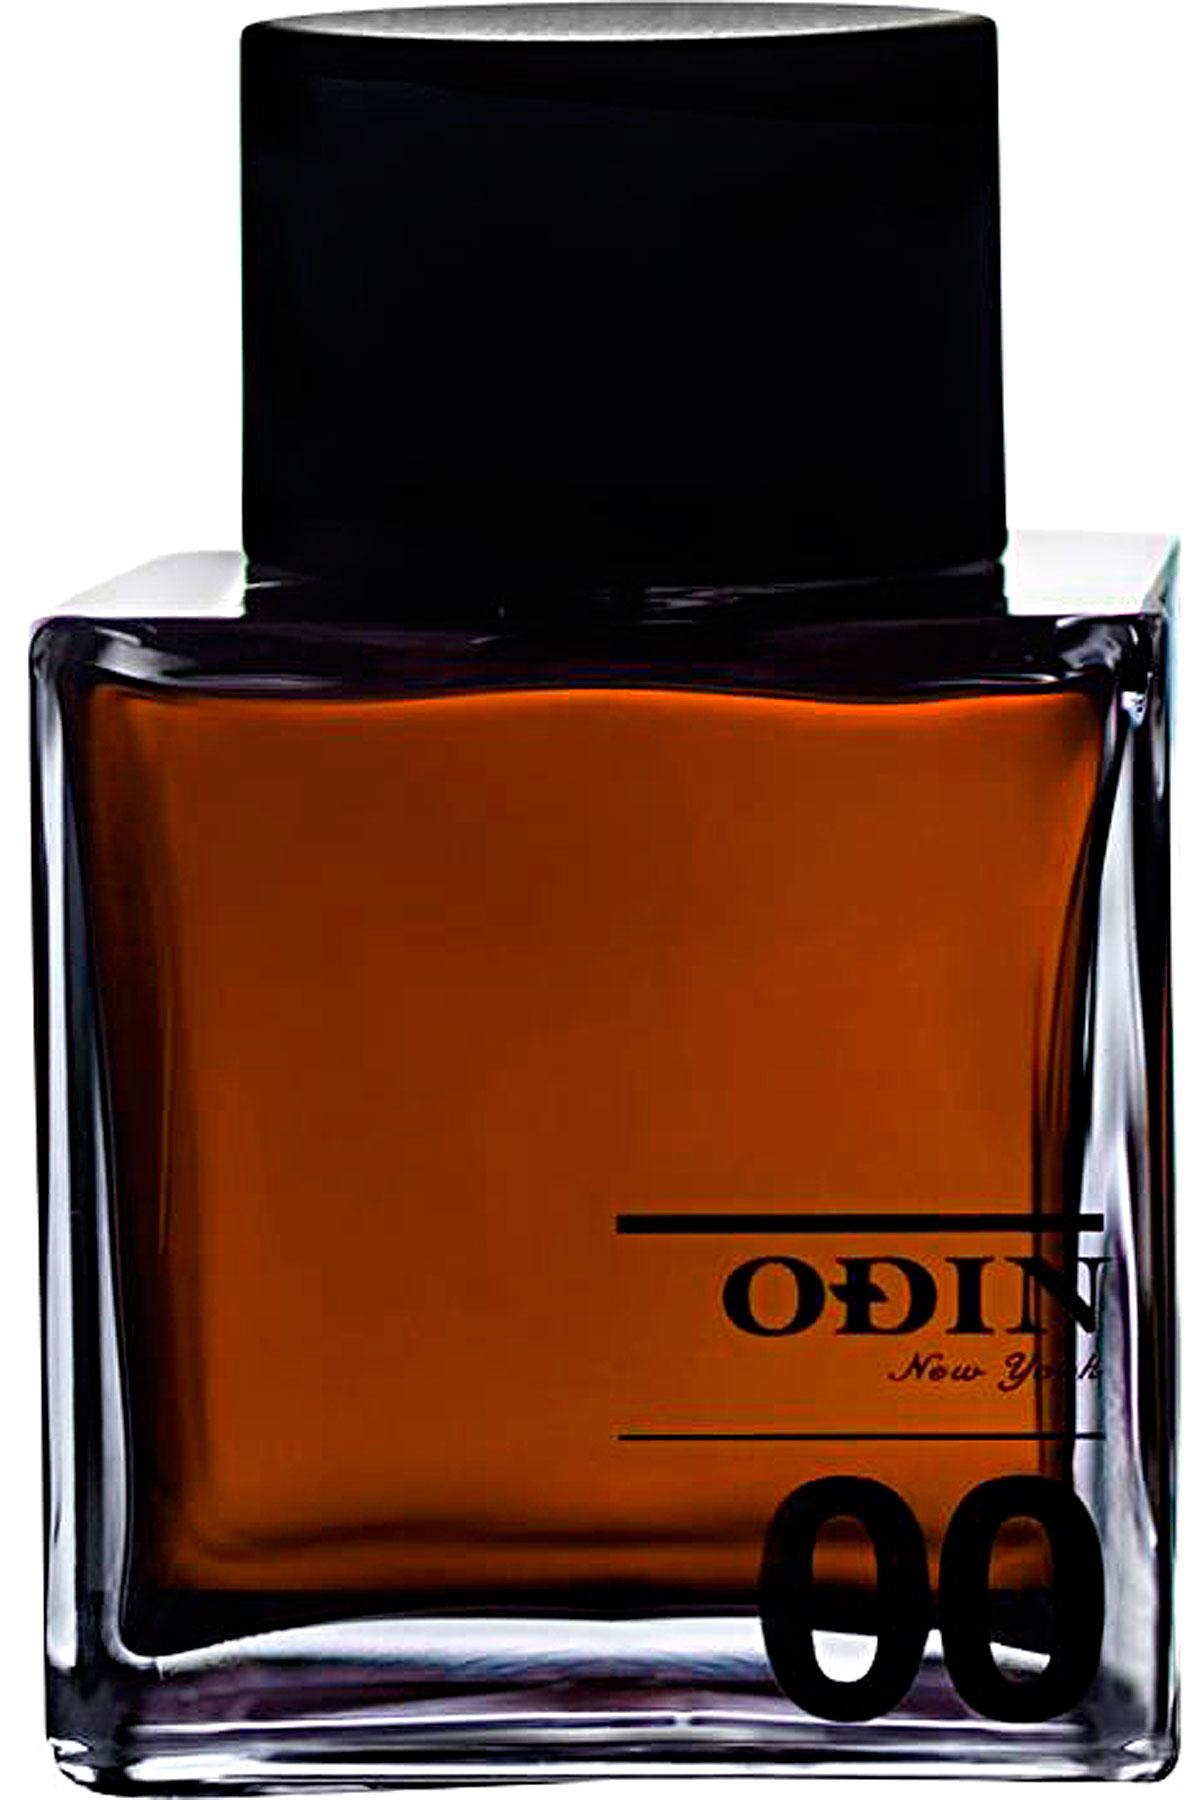 Odin New York Fragrances for Women, 00 Auriel - Eau De Parfum - 100 Ml, 2019, 100 ml